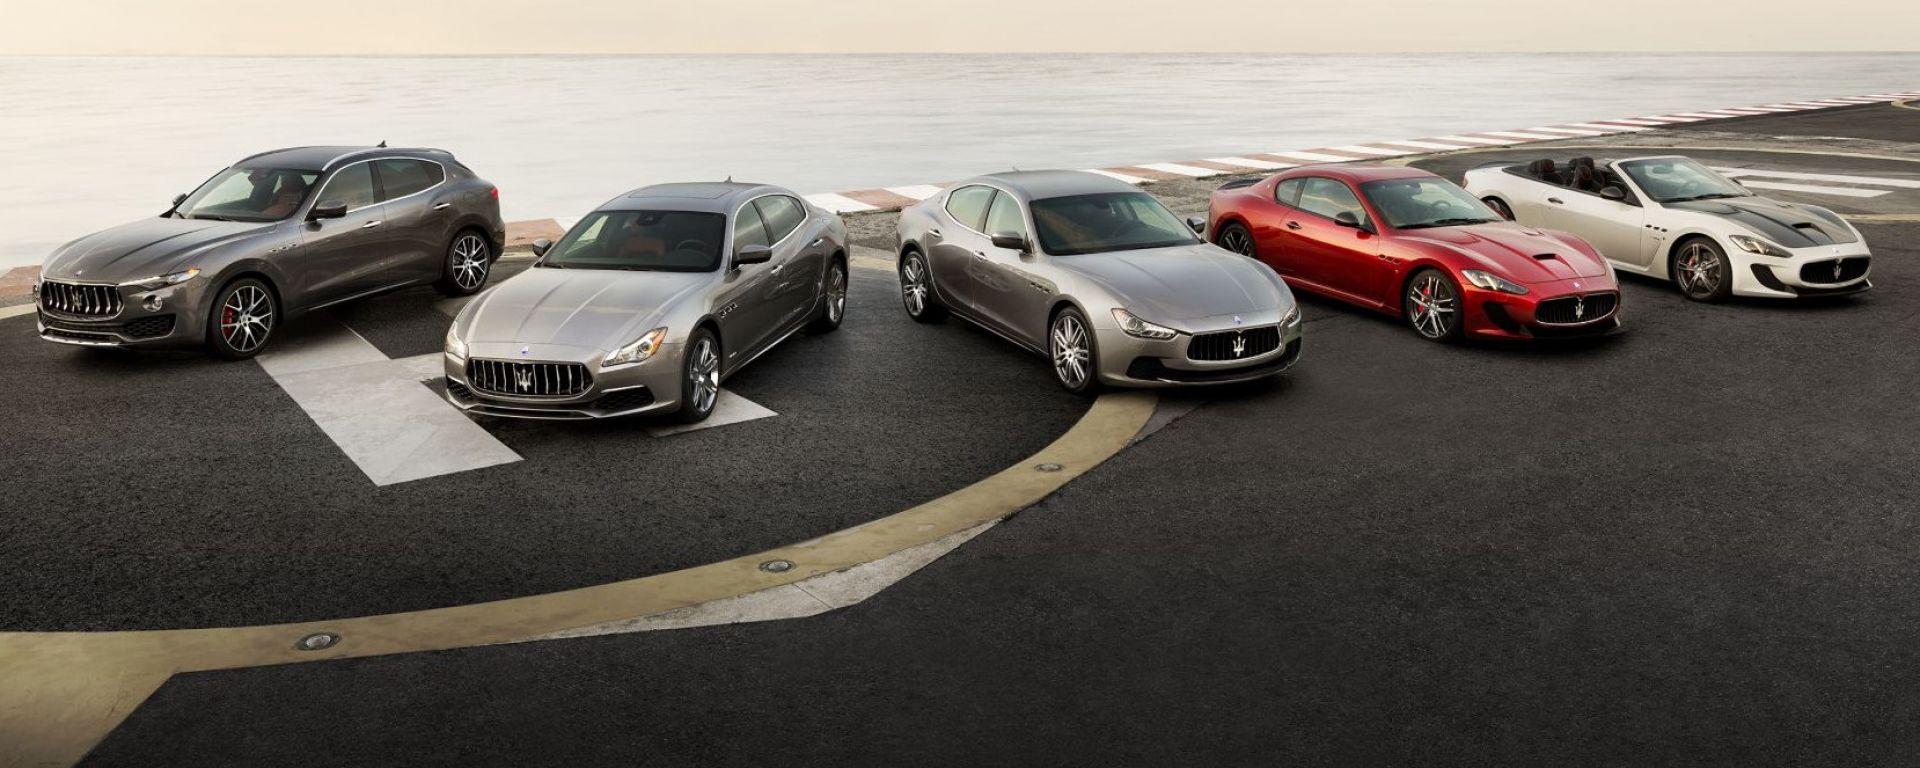 Maserati, per le vendite un anno difficile